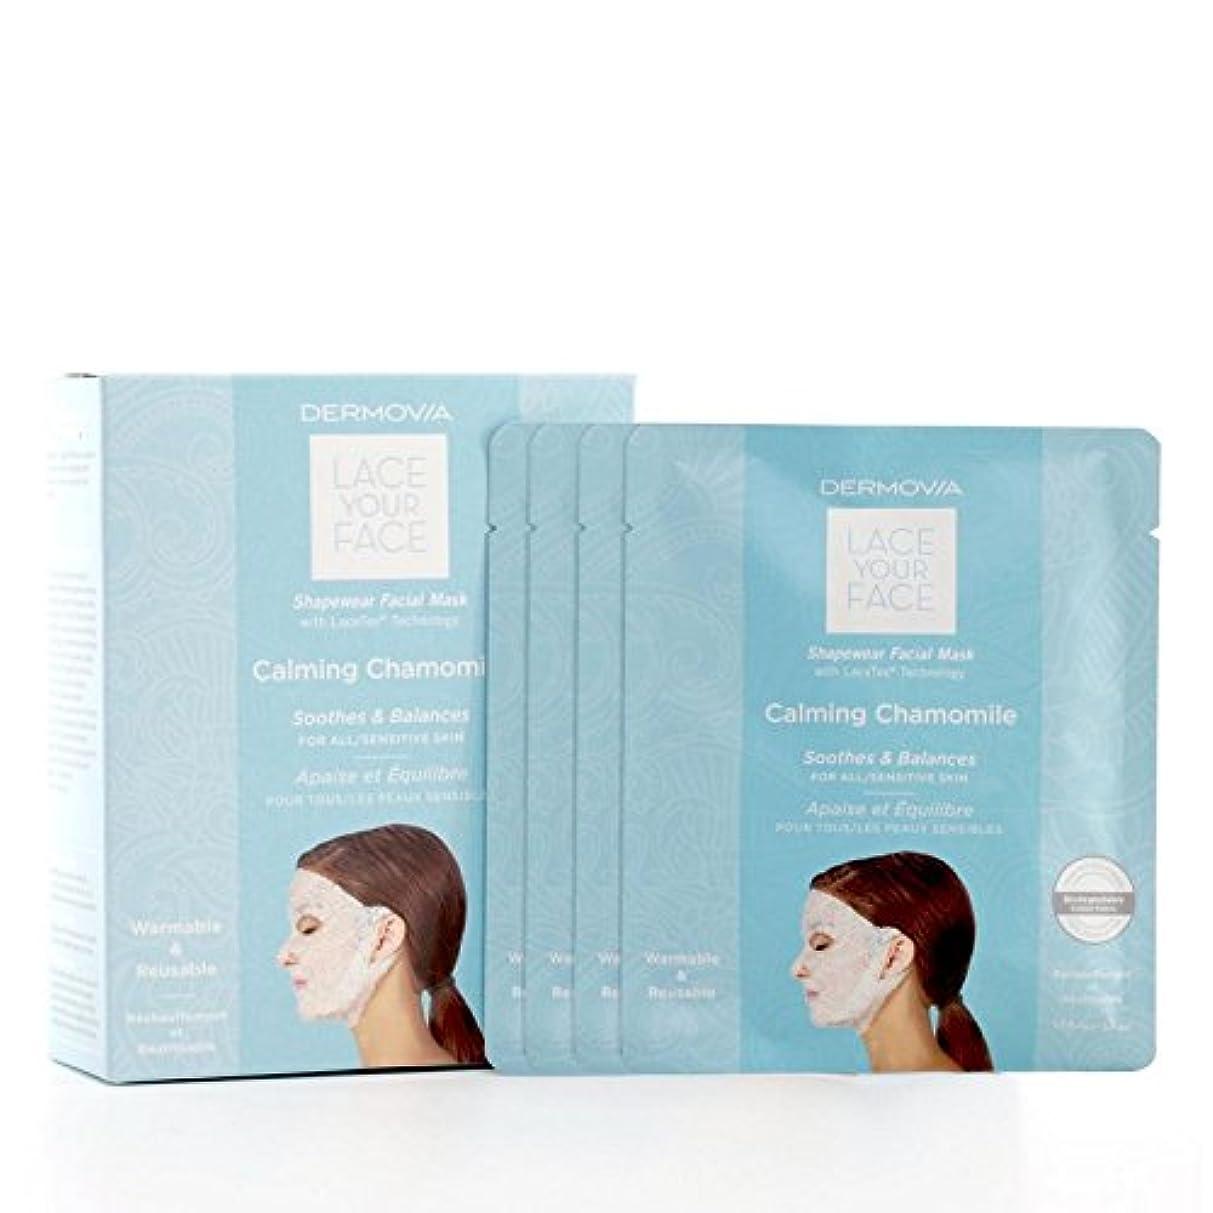 愛人石膏伝統的は、あなたの顔の圧縮フェイシャルマスク心を落ち着かせるカモミールをひもで締めます x2 - Dermovia Lace Your Face Compression Facial Mask Calming Chamomile...